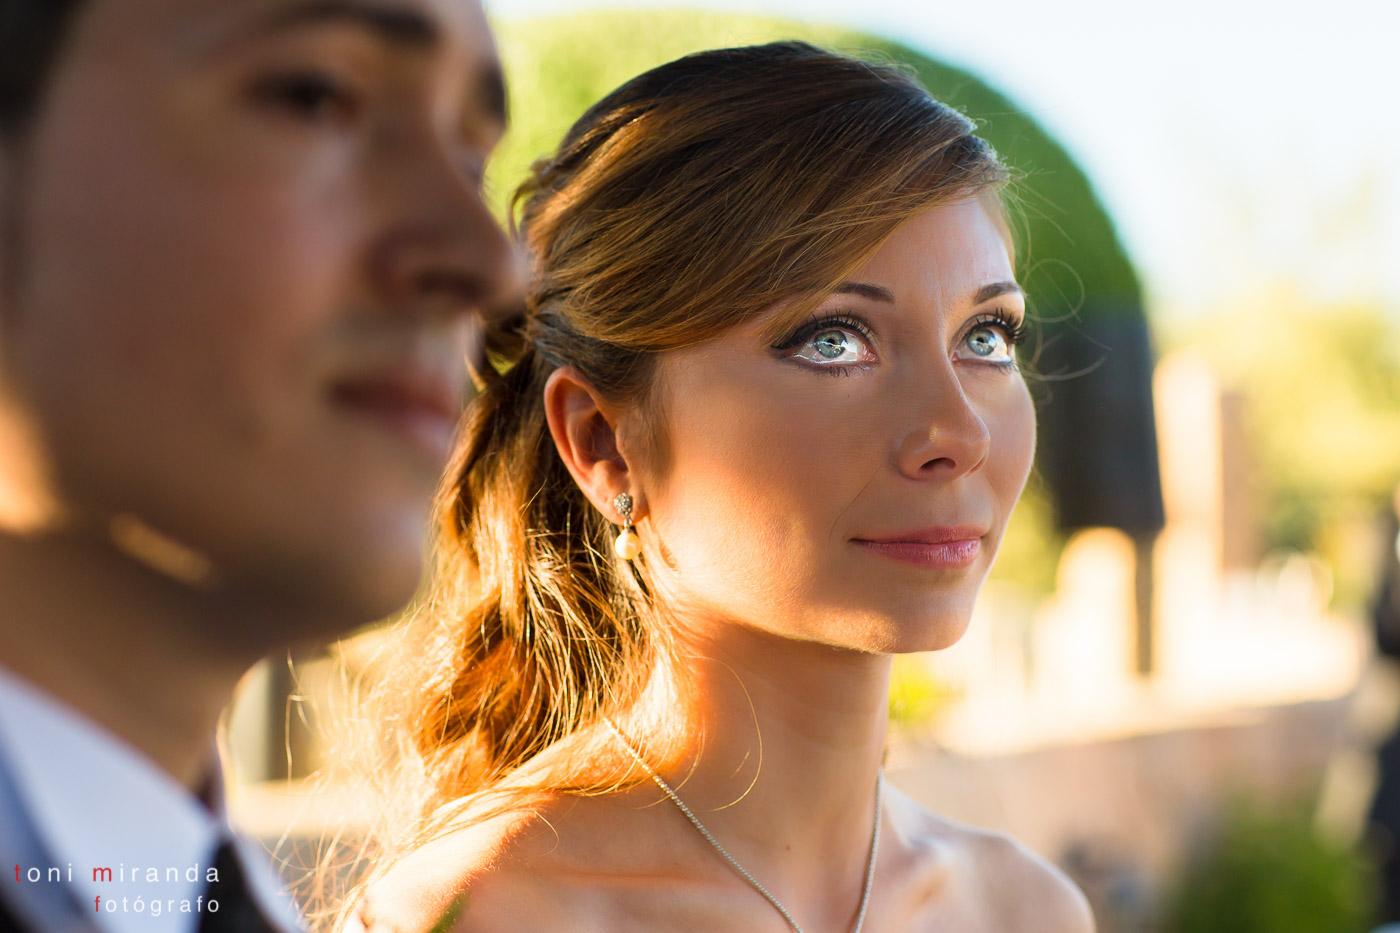 novia en boda civil con lagrimas en los ojos